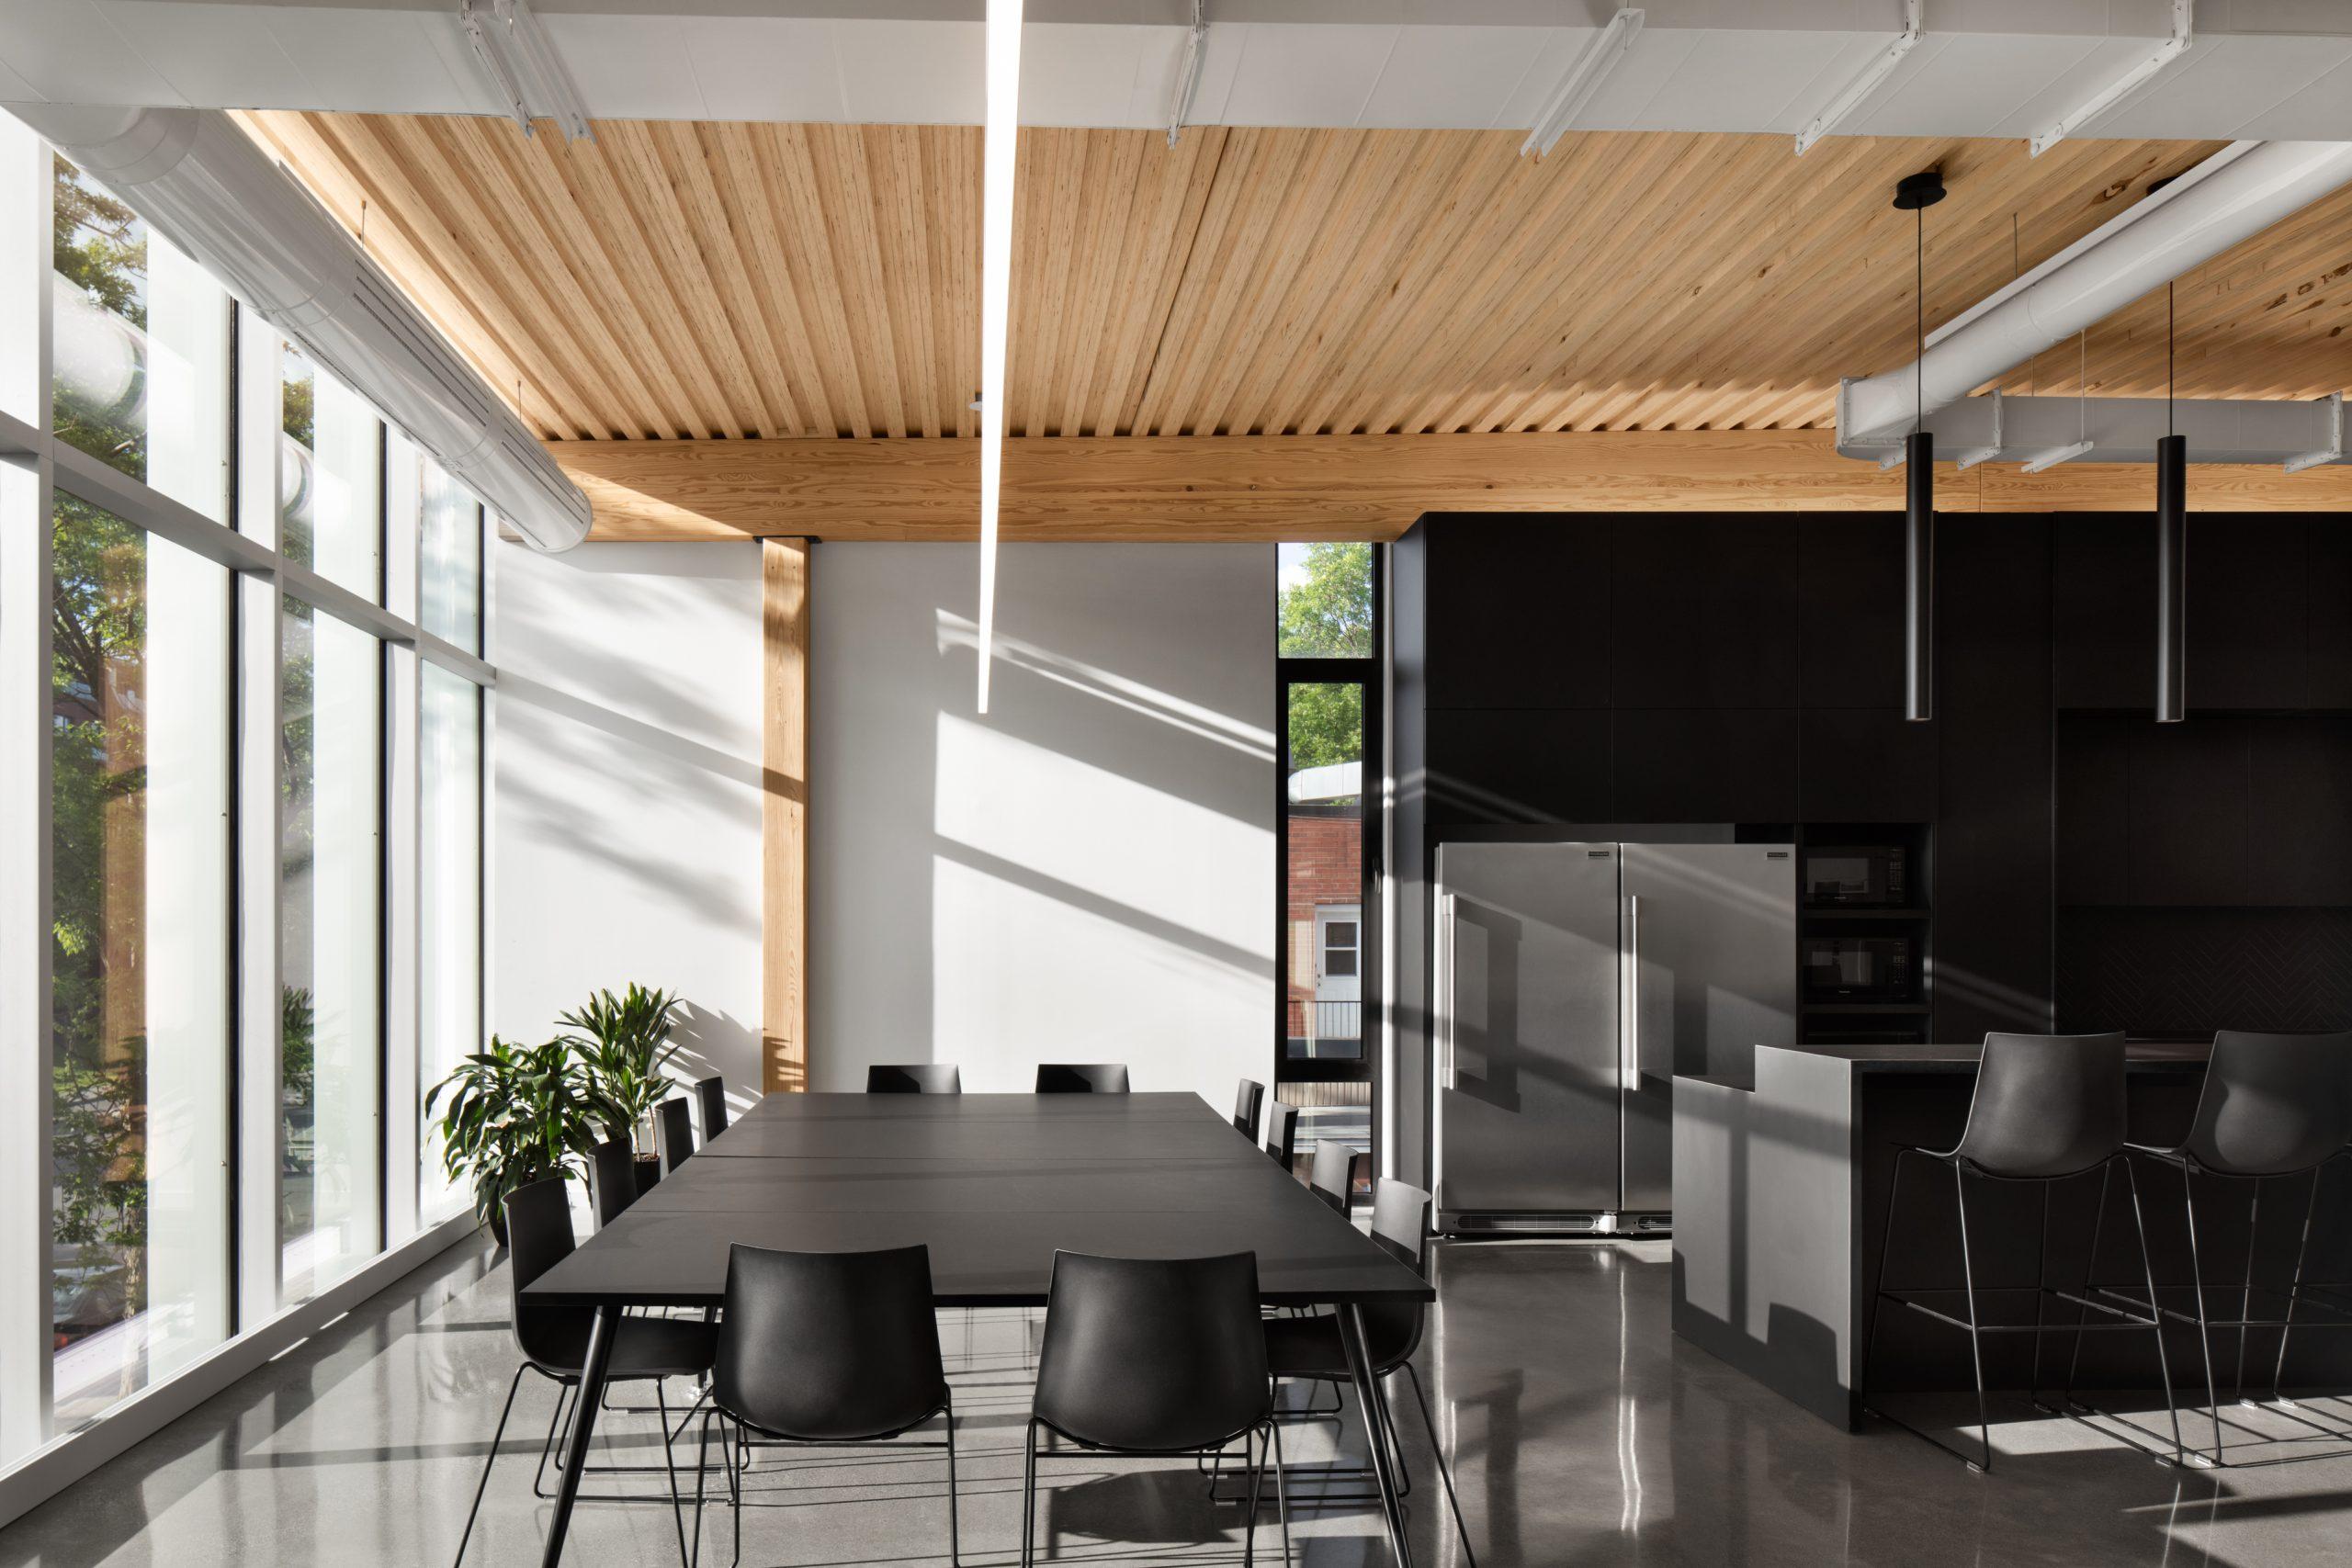 Agrandissement des bureaux de Jodoin Lamarre Pratte architectes Cecobois 4